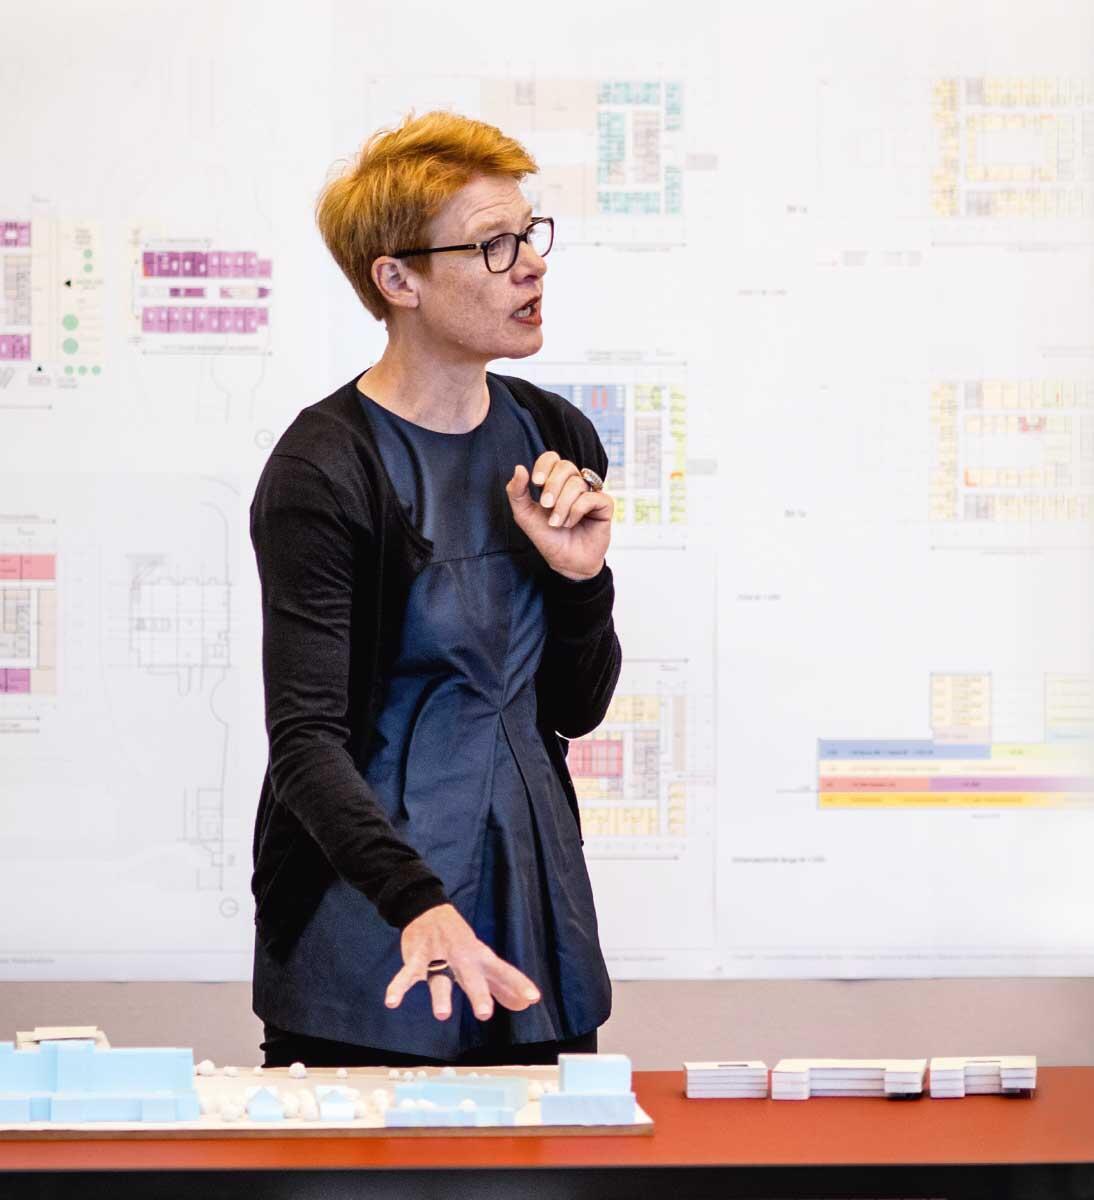 Debatten zur Architekturqualität: seit 2007 im Baukollegium, das Regula Lüscher in Berlin eingeführt hat.  Bild: Lidia Tirri